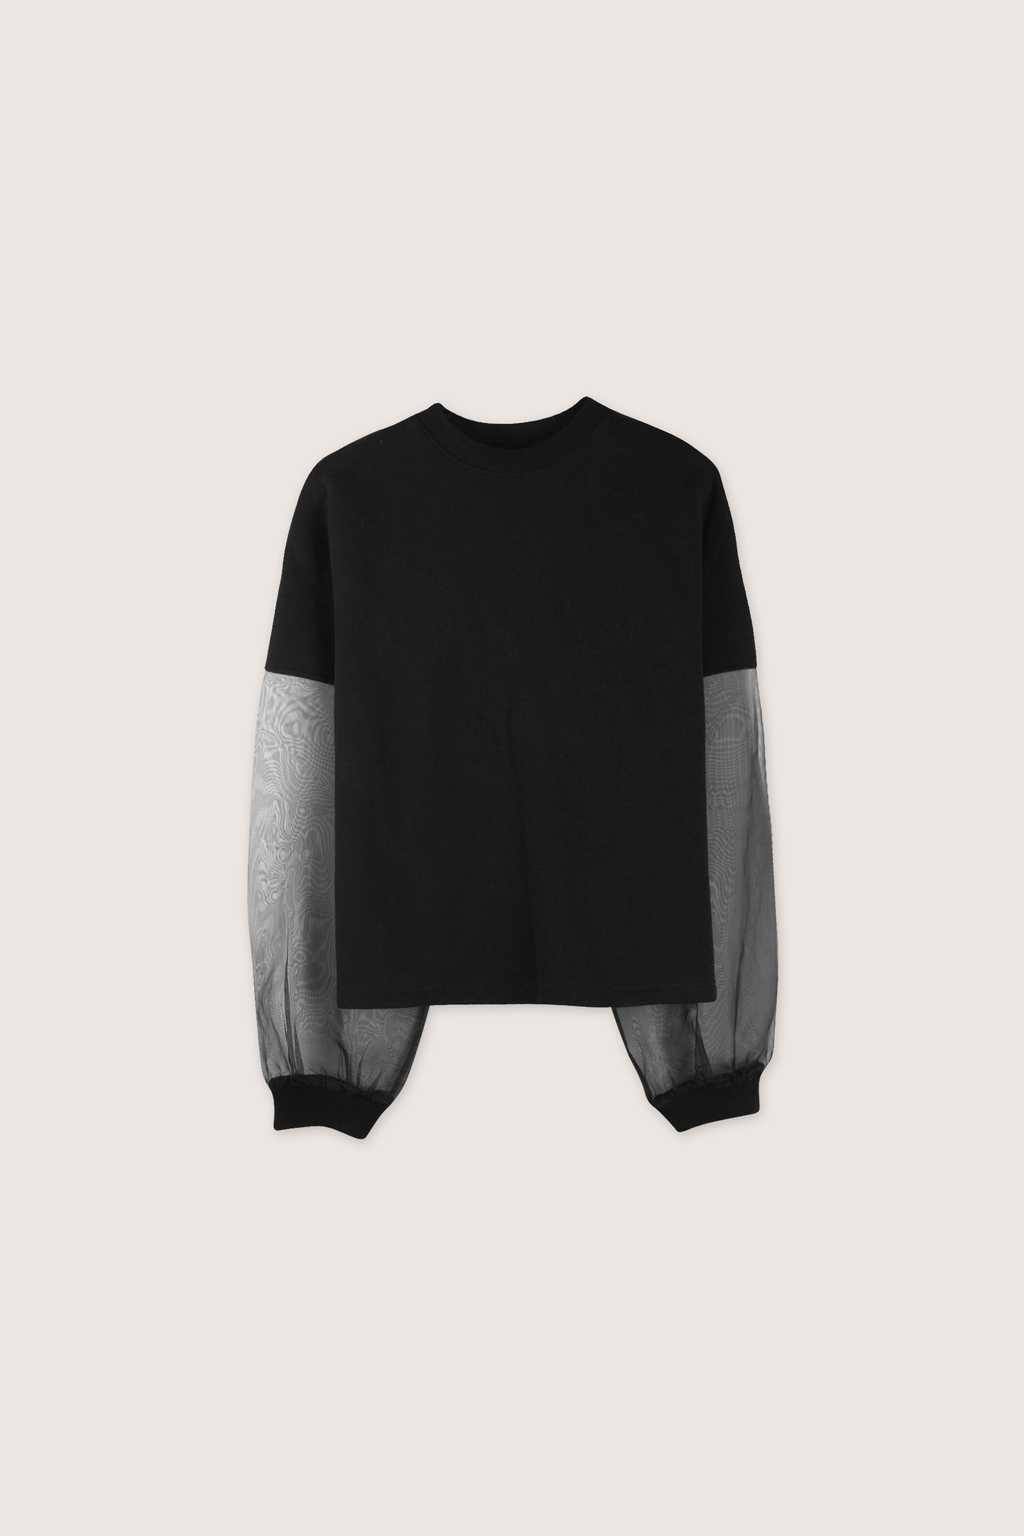 TShirt 1663 Black 6